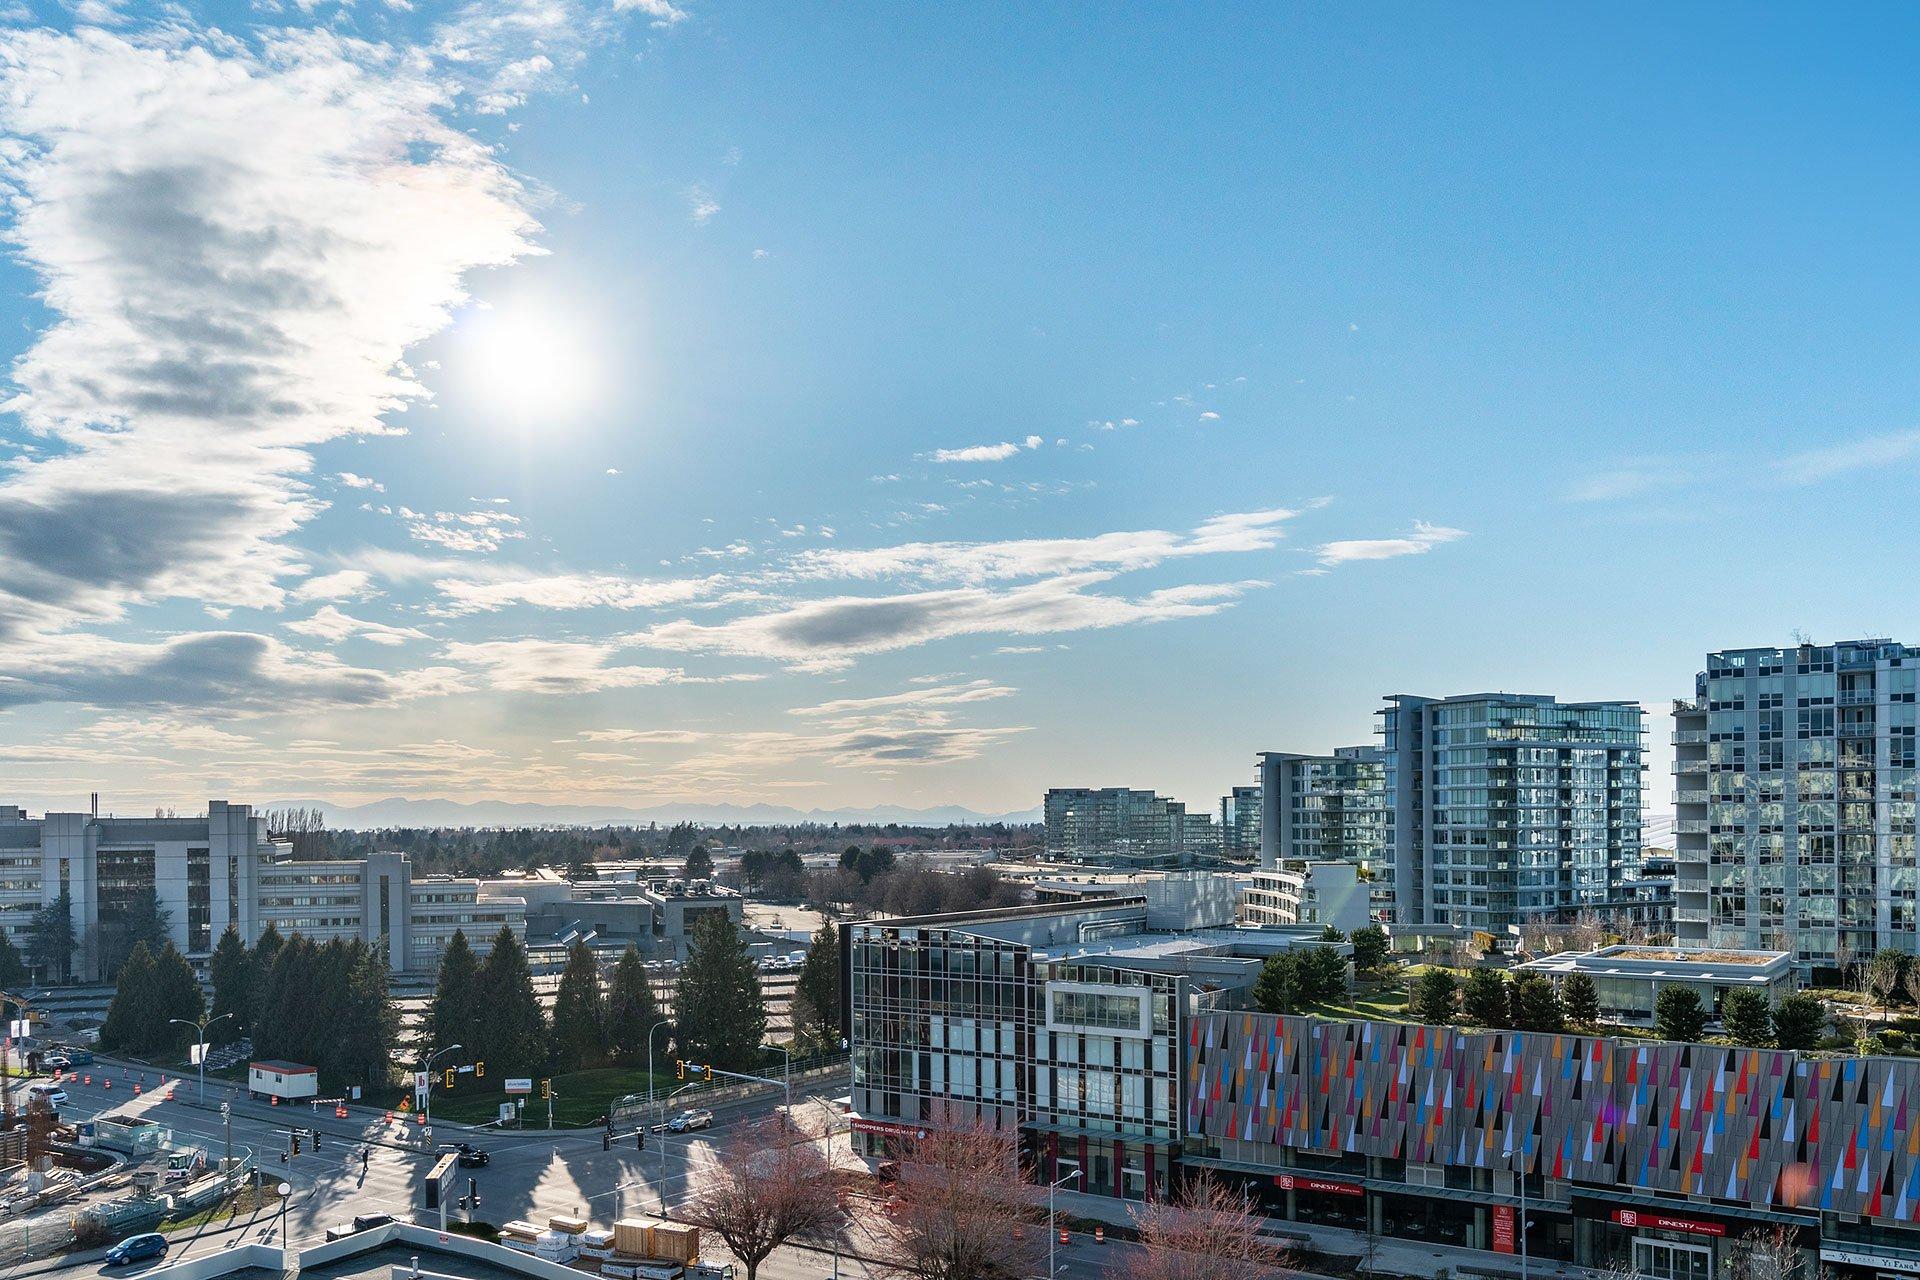 """Photo 26: Photos: 1207 7535 ALDERBRIDGE Way in Richmond: Brighouse Condo for sale in """"OCEAN WALK"""" : MLS®# R2445449"""